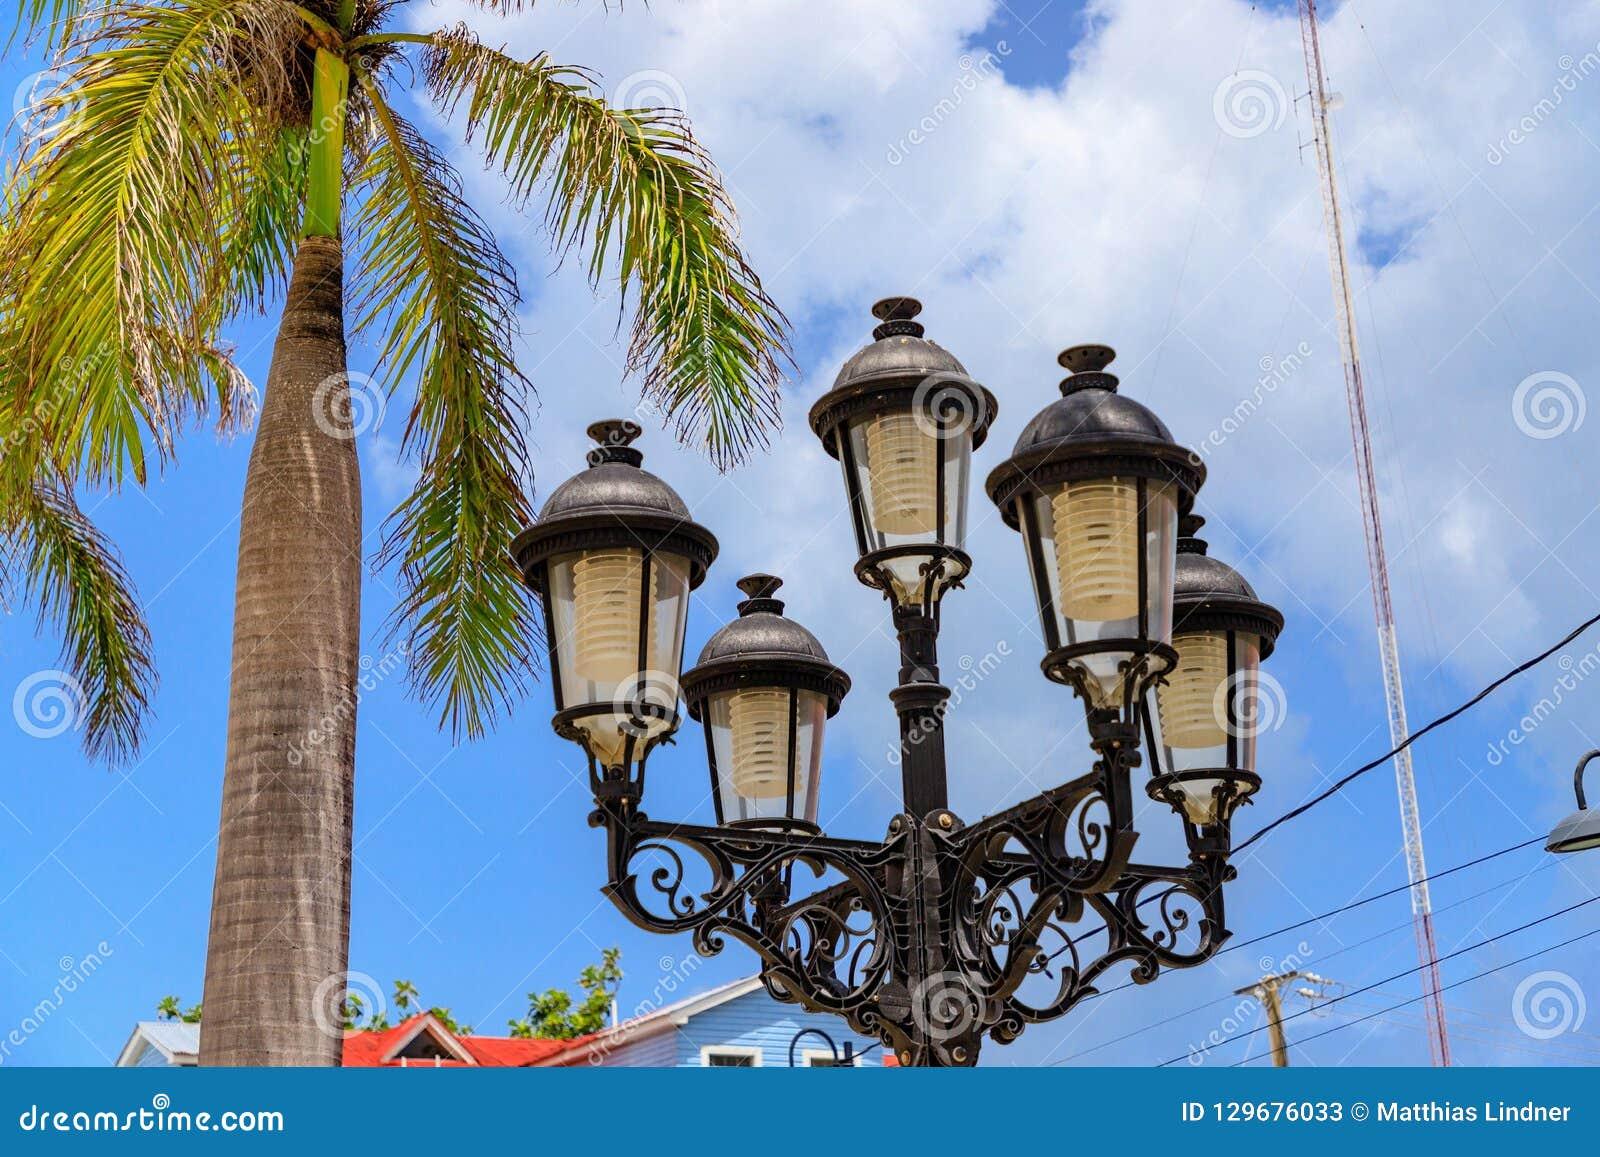 Detailfoto von Straßenlaternen und von Palmen im karibischen Esprit